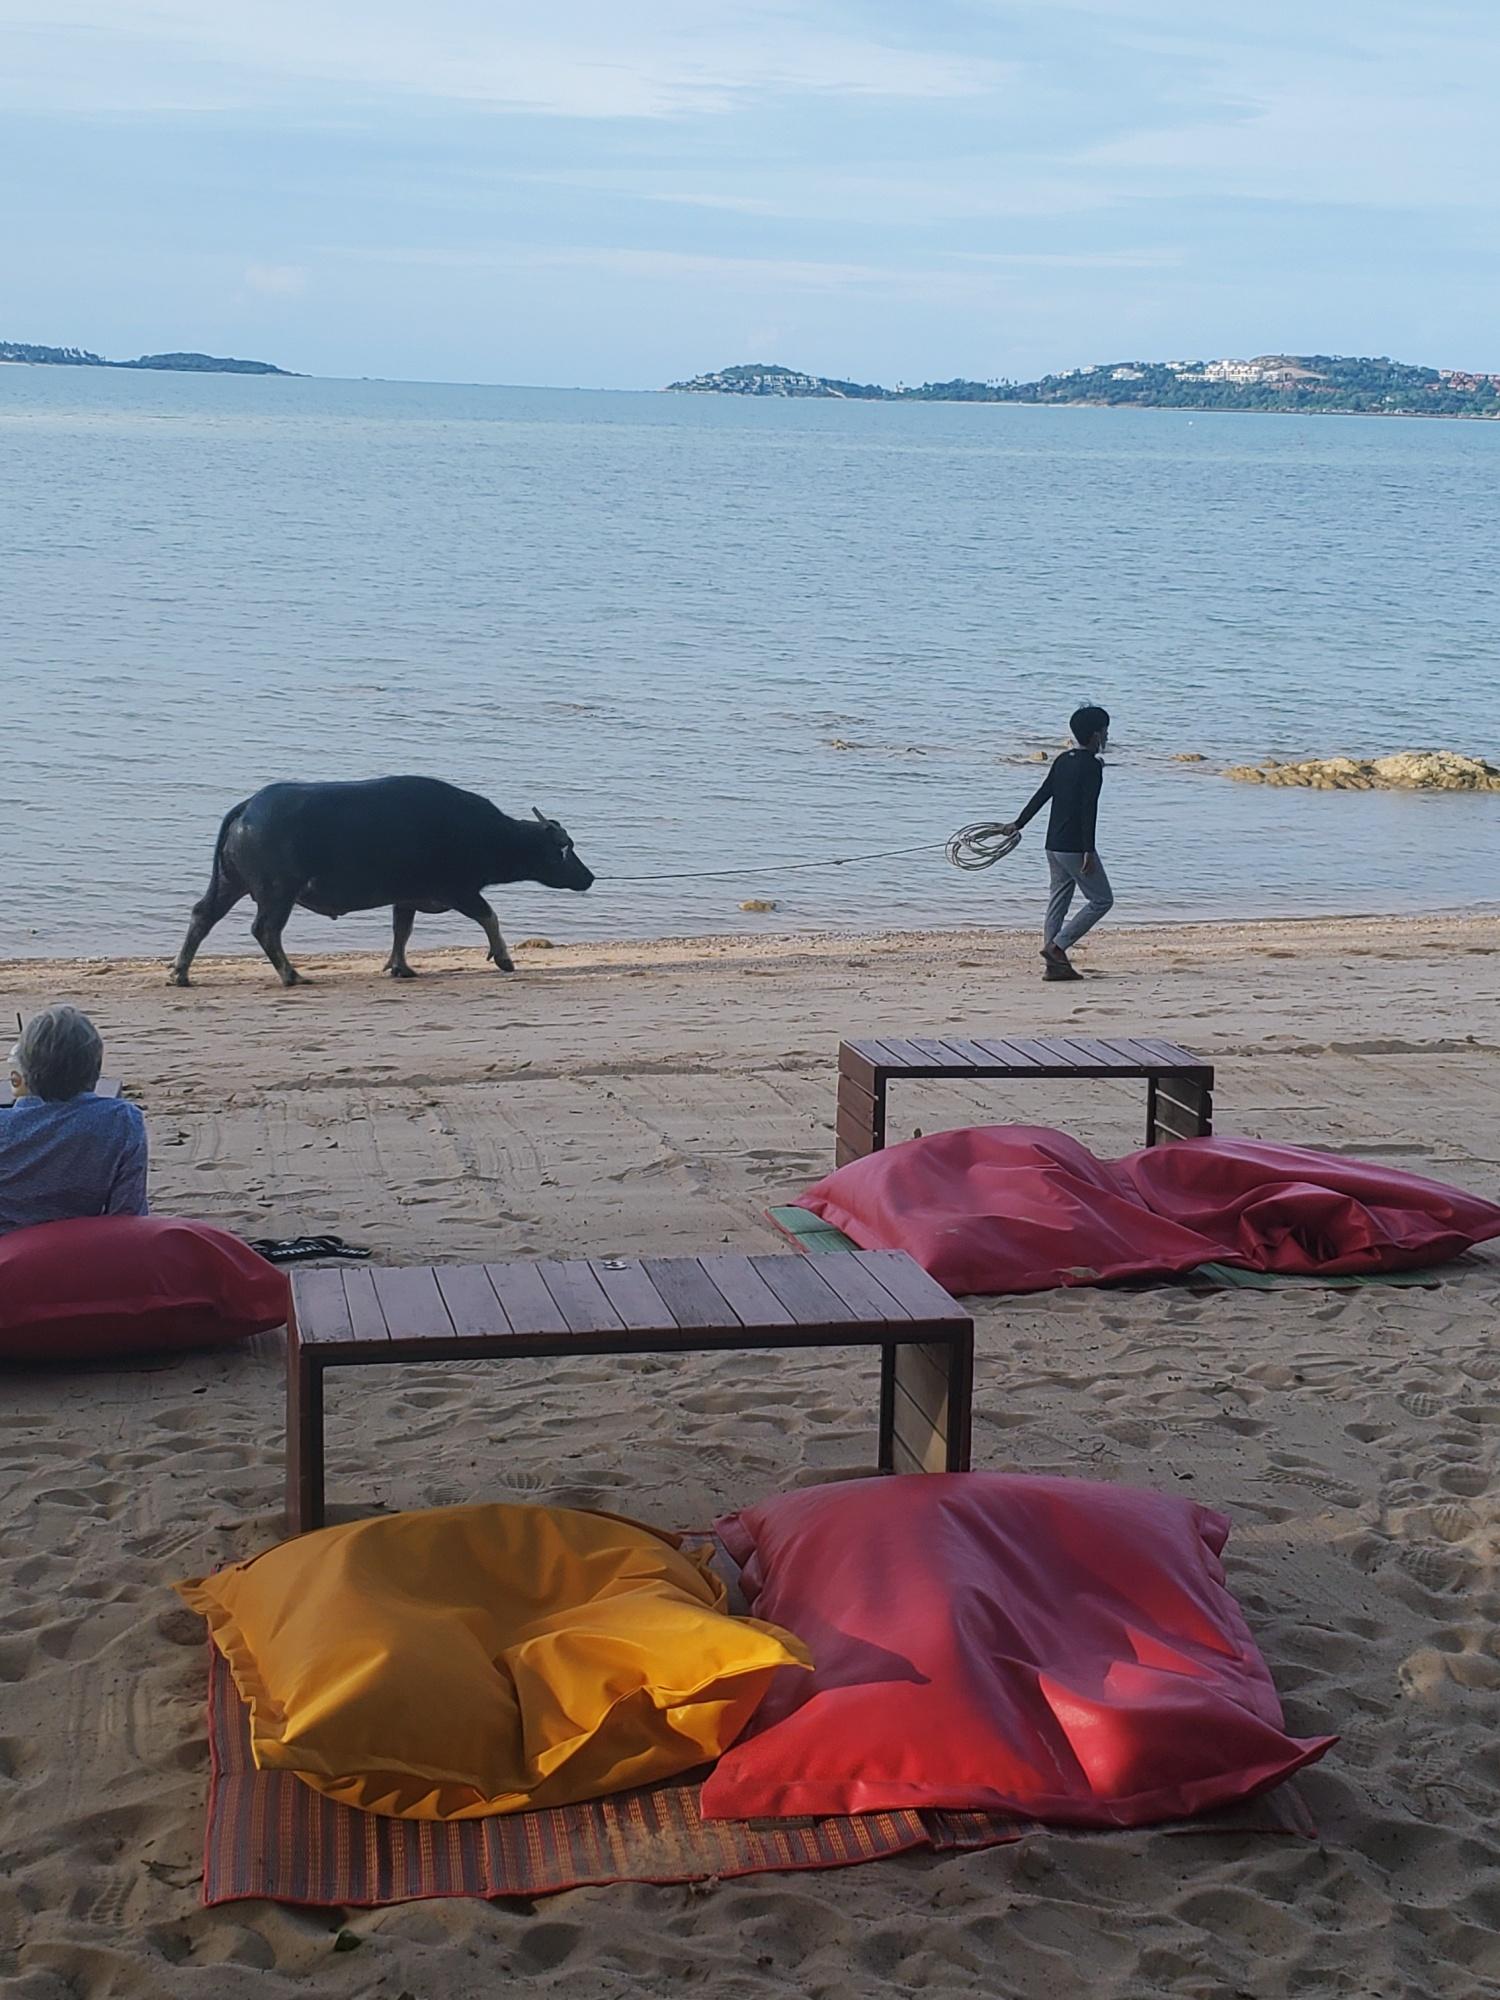 Koh Samui bang rak beach